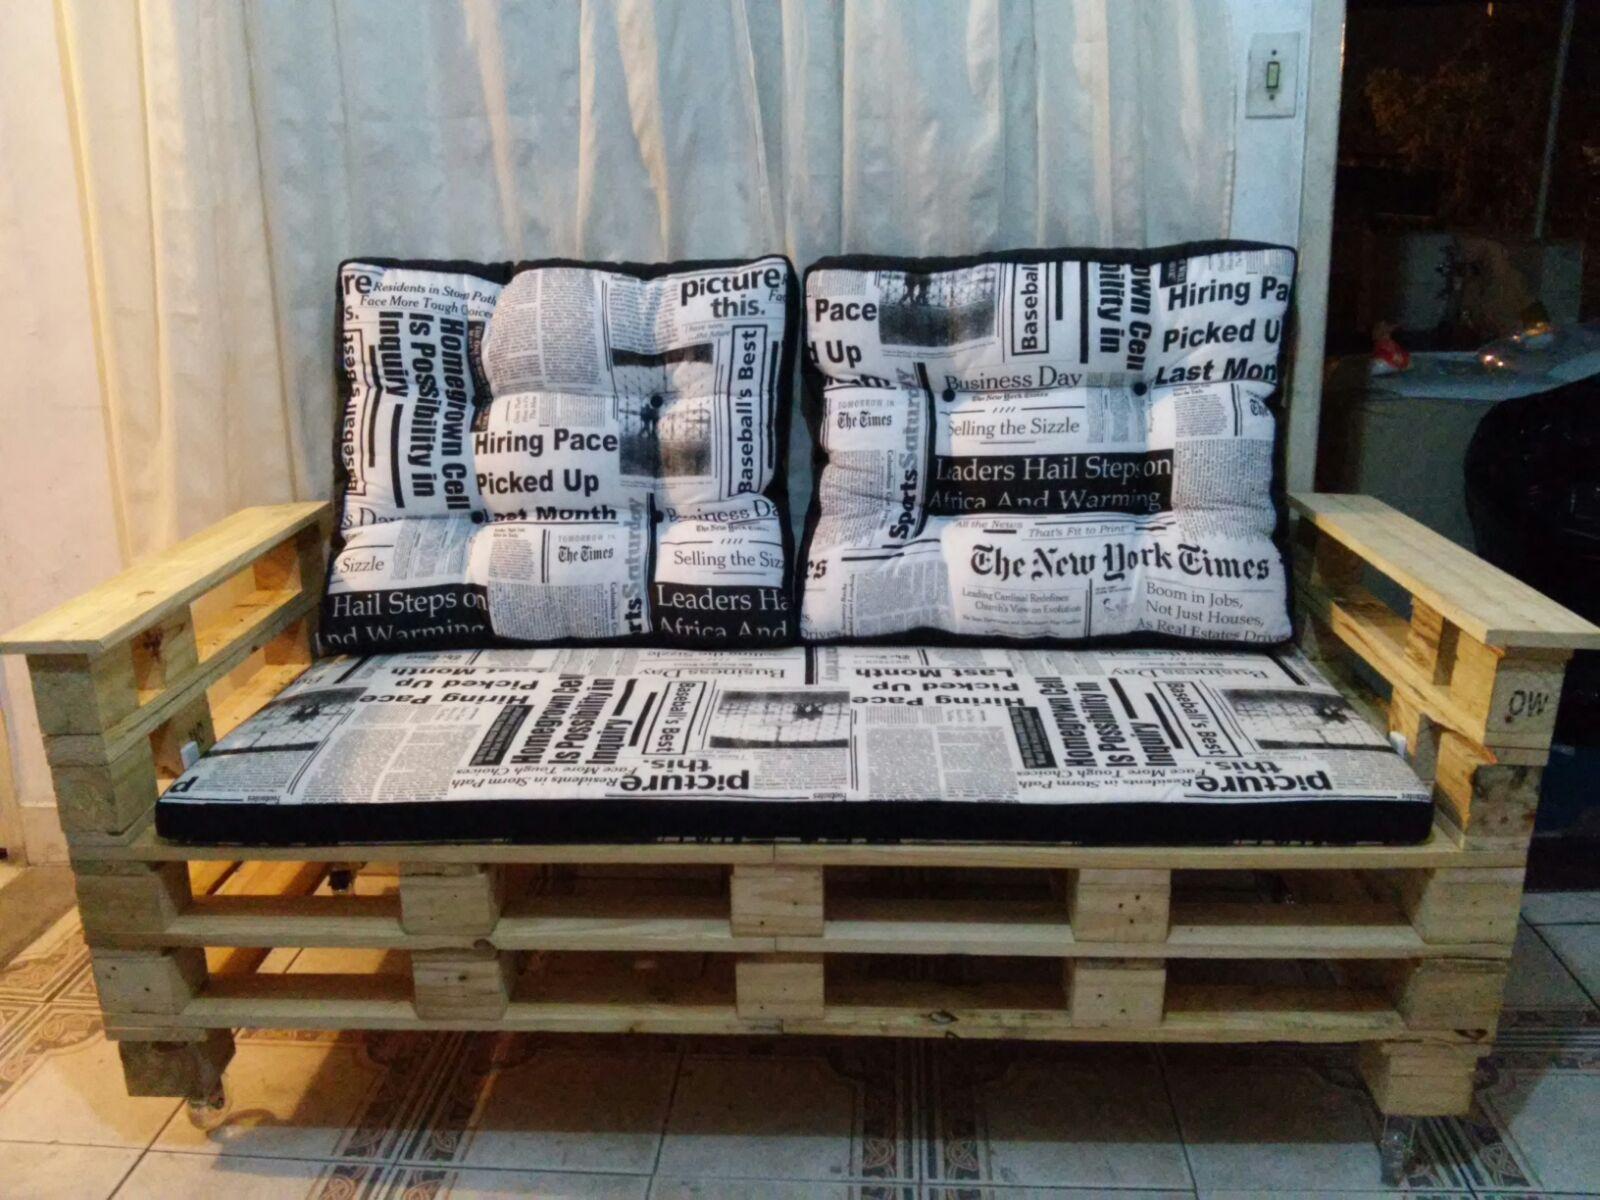 sofa de plaetes moveis de paletes.jpg #976E34 1600x1200